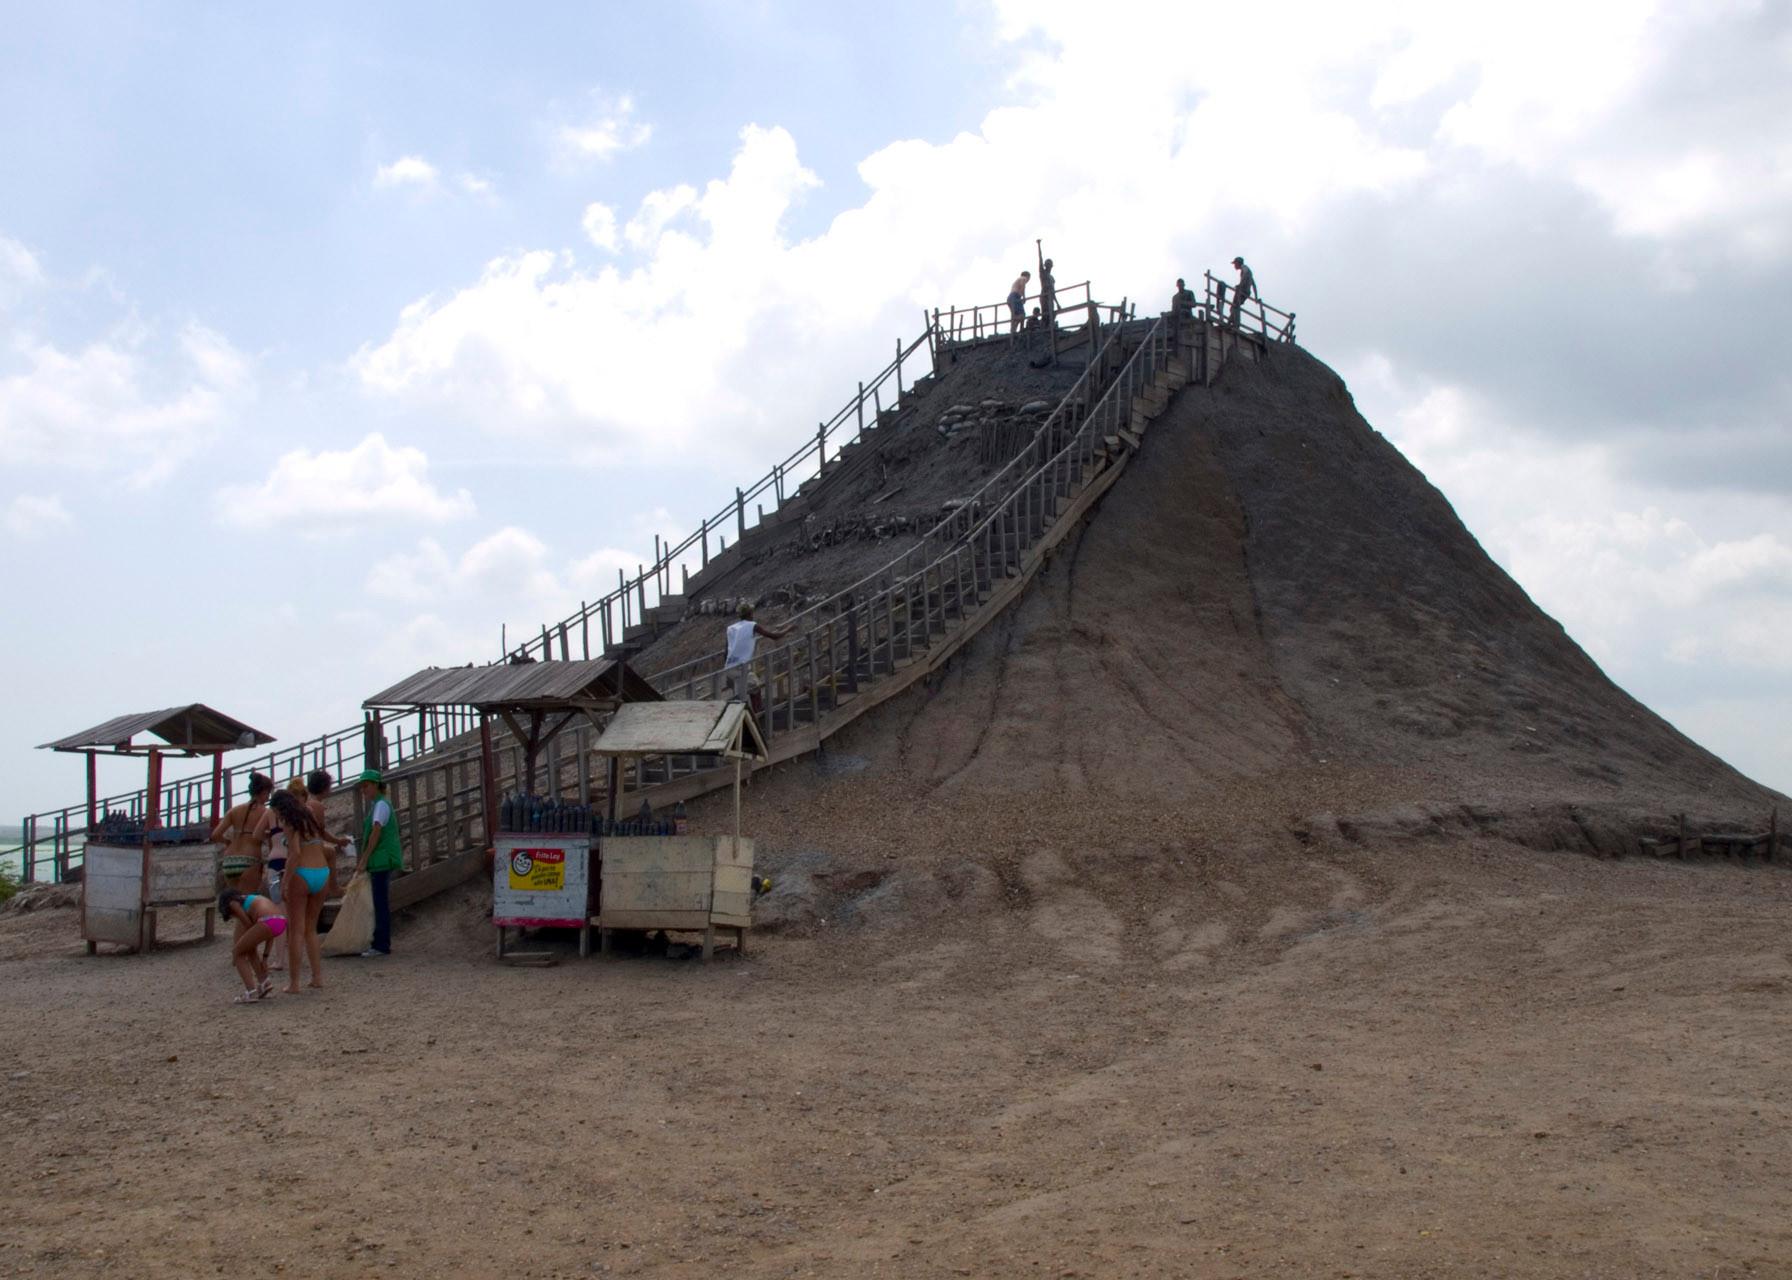 Volcan de Lodo El Totumo (Mud Volcano) (Cartagena), Colombia [2009]